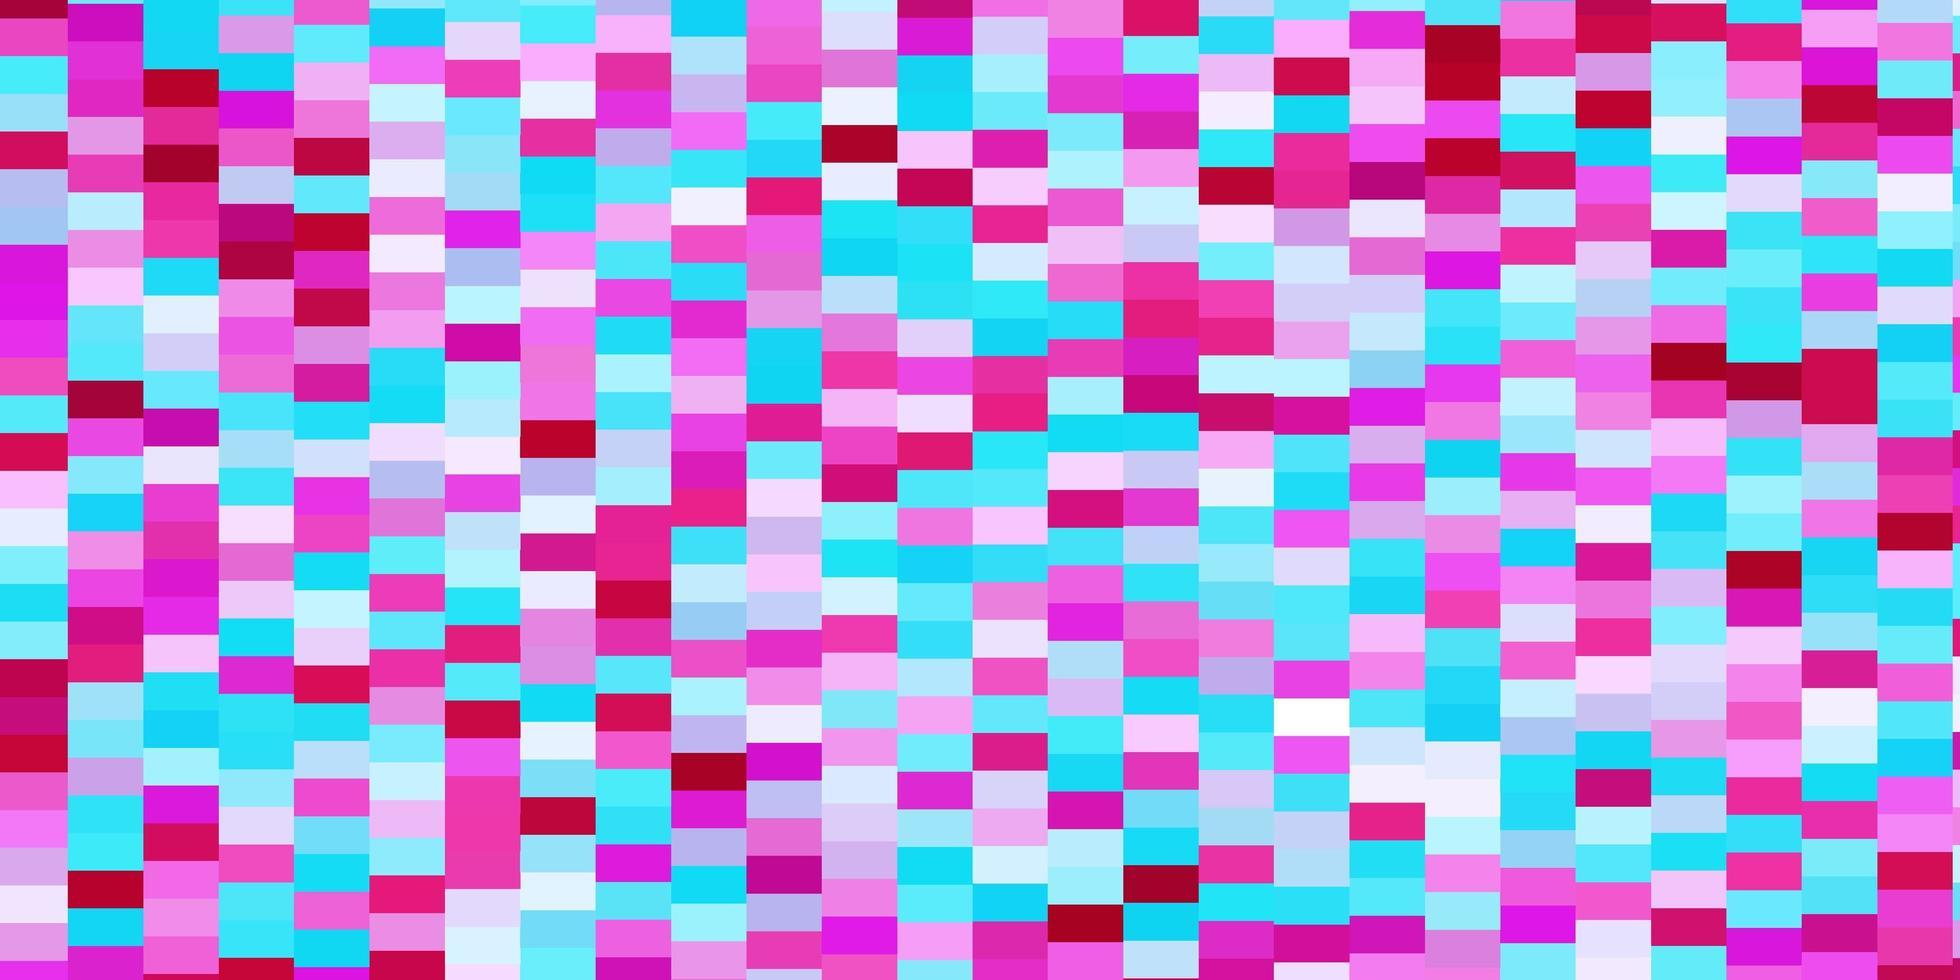 fundo vector azul e vermelho claro em estilo poligonal.